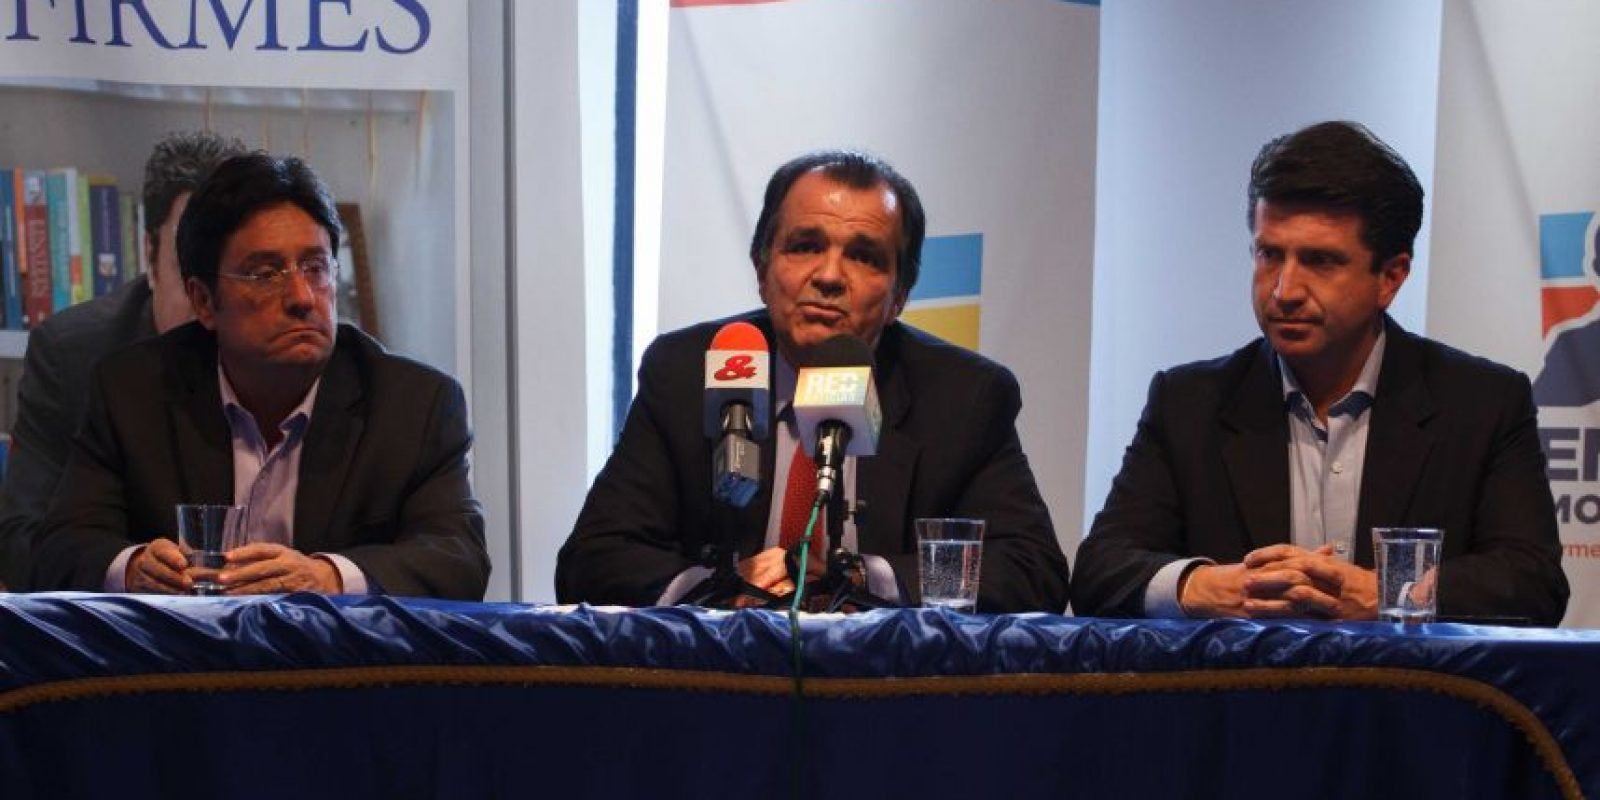 Su partido fue el más votado en las elecciones a la Cámara de Bogotá en 2014, ganando cinco de 18 curules disponibles Foto:Juan Pablo Pino – Publimetro